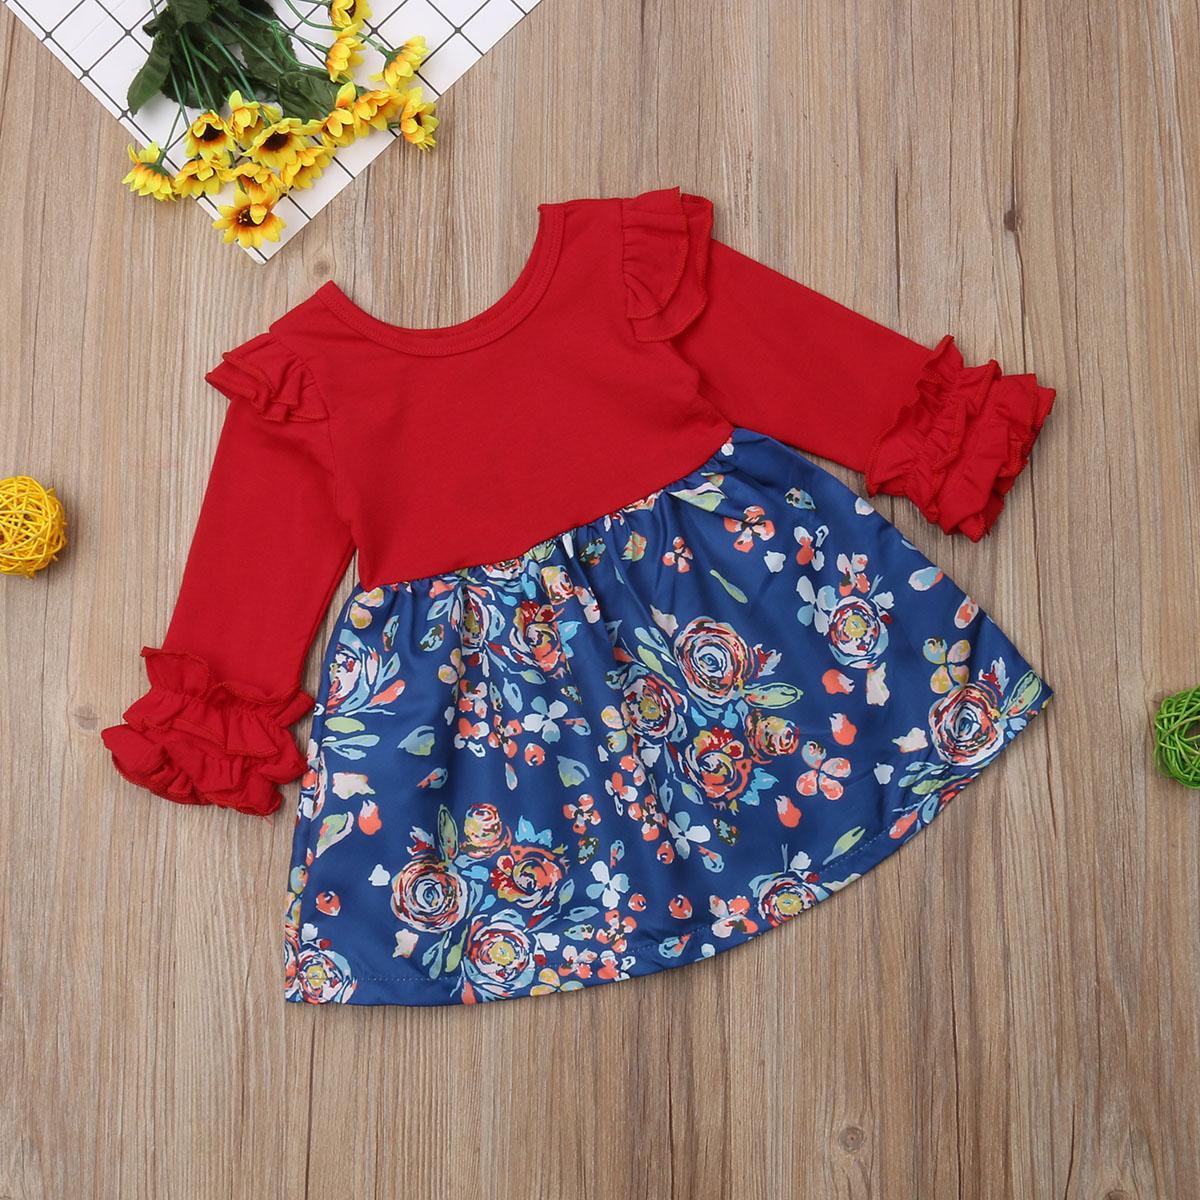 -Nascidos crianças Bebés Meninas Ruffles Autumn floral vermelho da luva do partido longo Pageant Fashion Dress Tutu cintura alta Mini roupas vestido